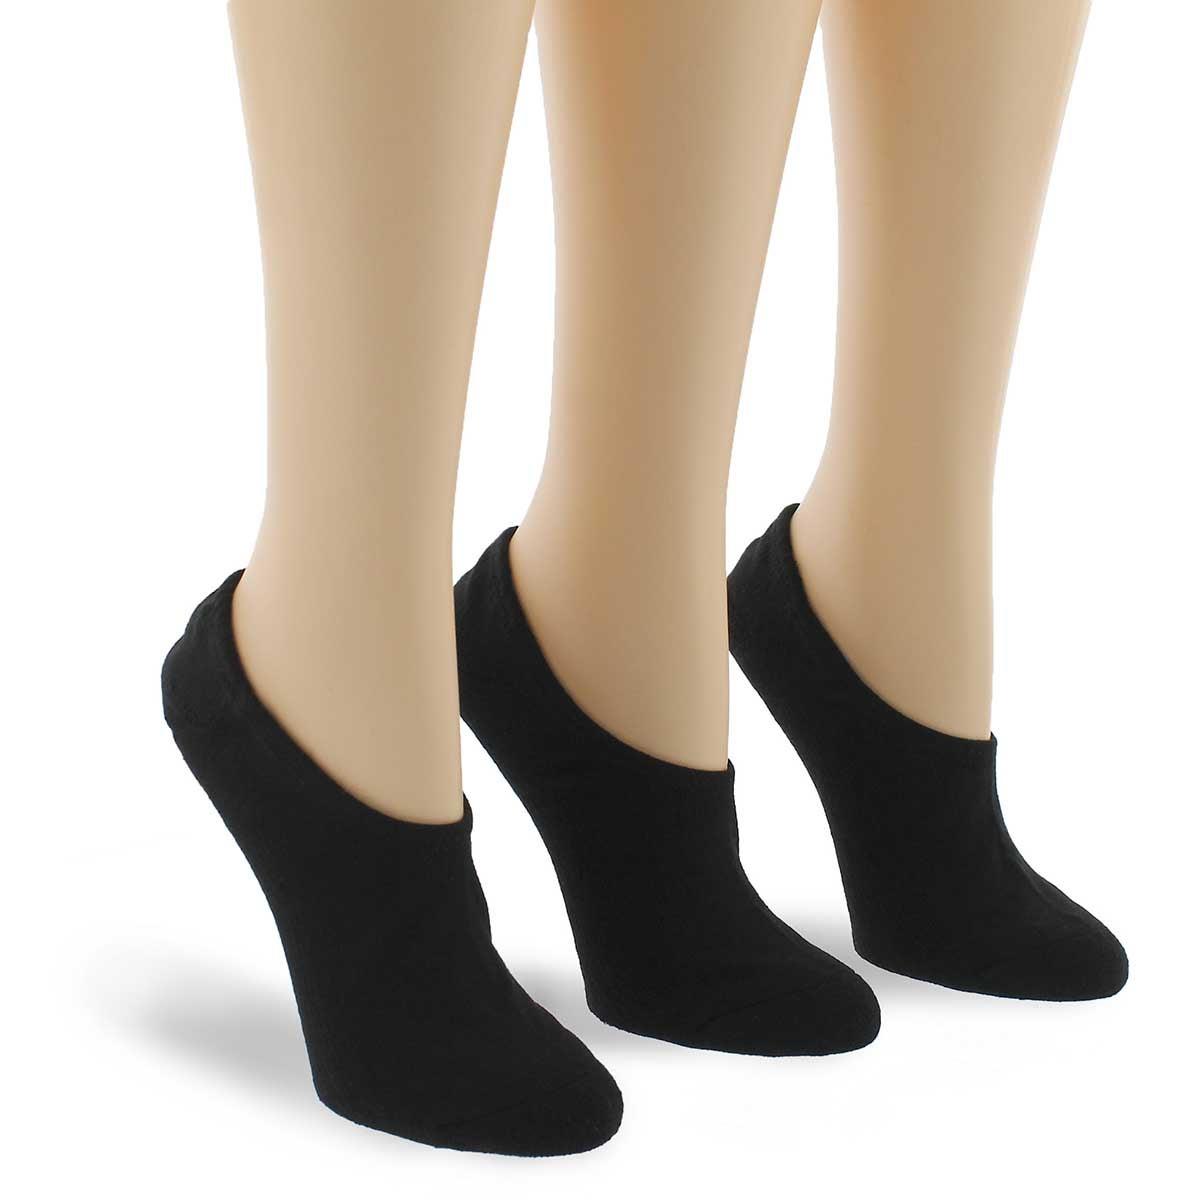 Socquettes logo MADE FOR CHUCKS, noir, 3p, femmes